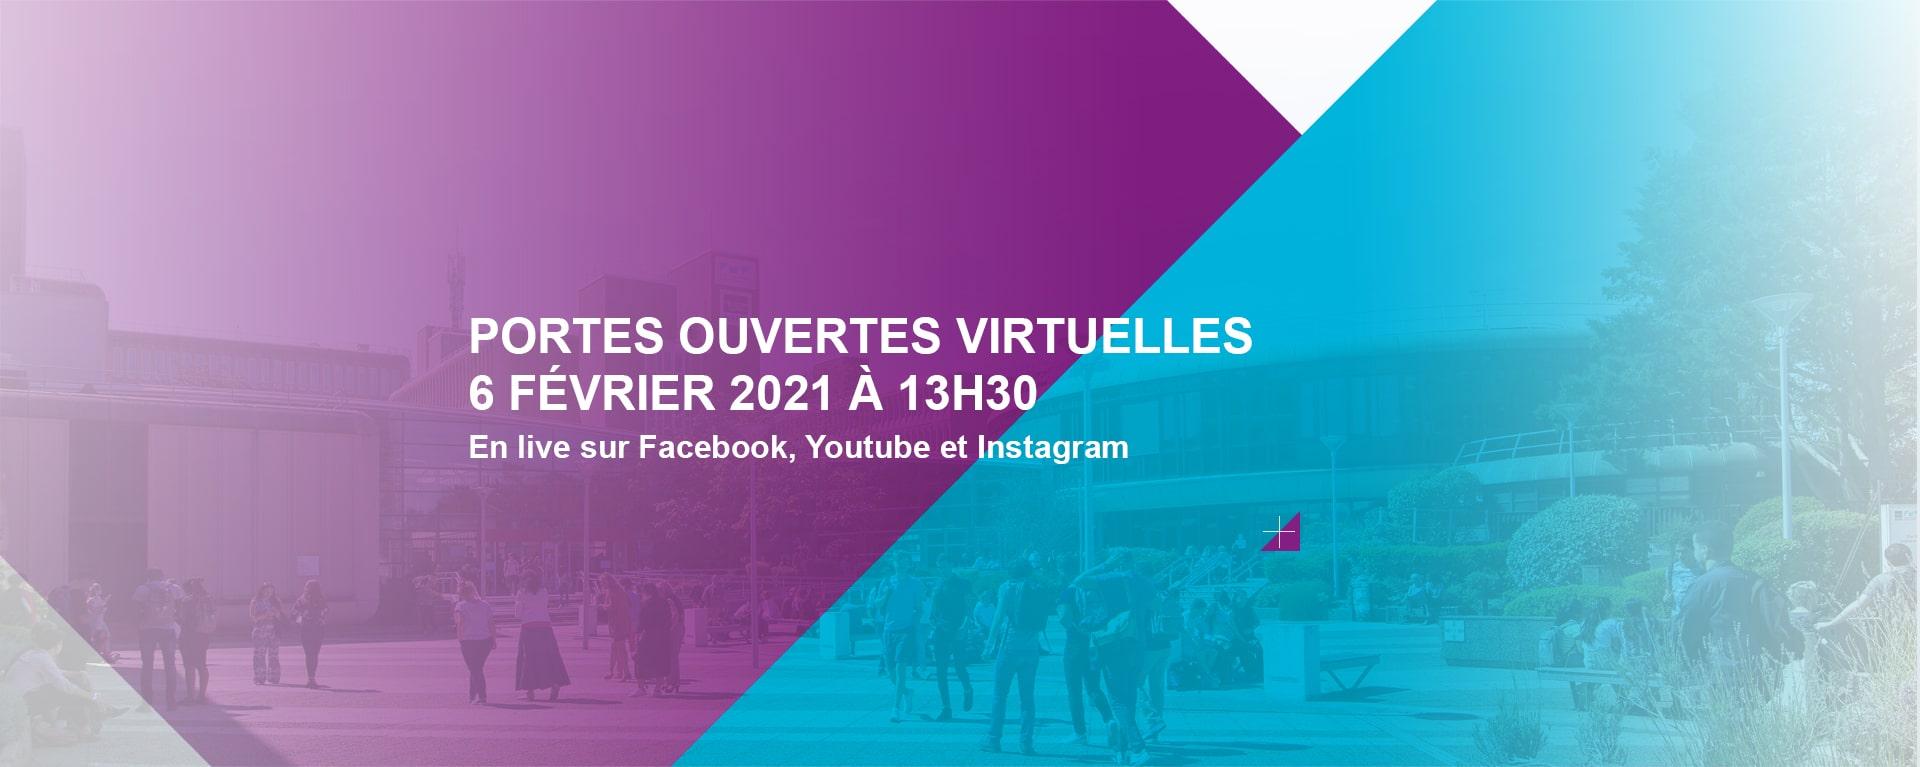 Portes ouvertes virtuelles - samedi 6 février 2021